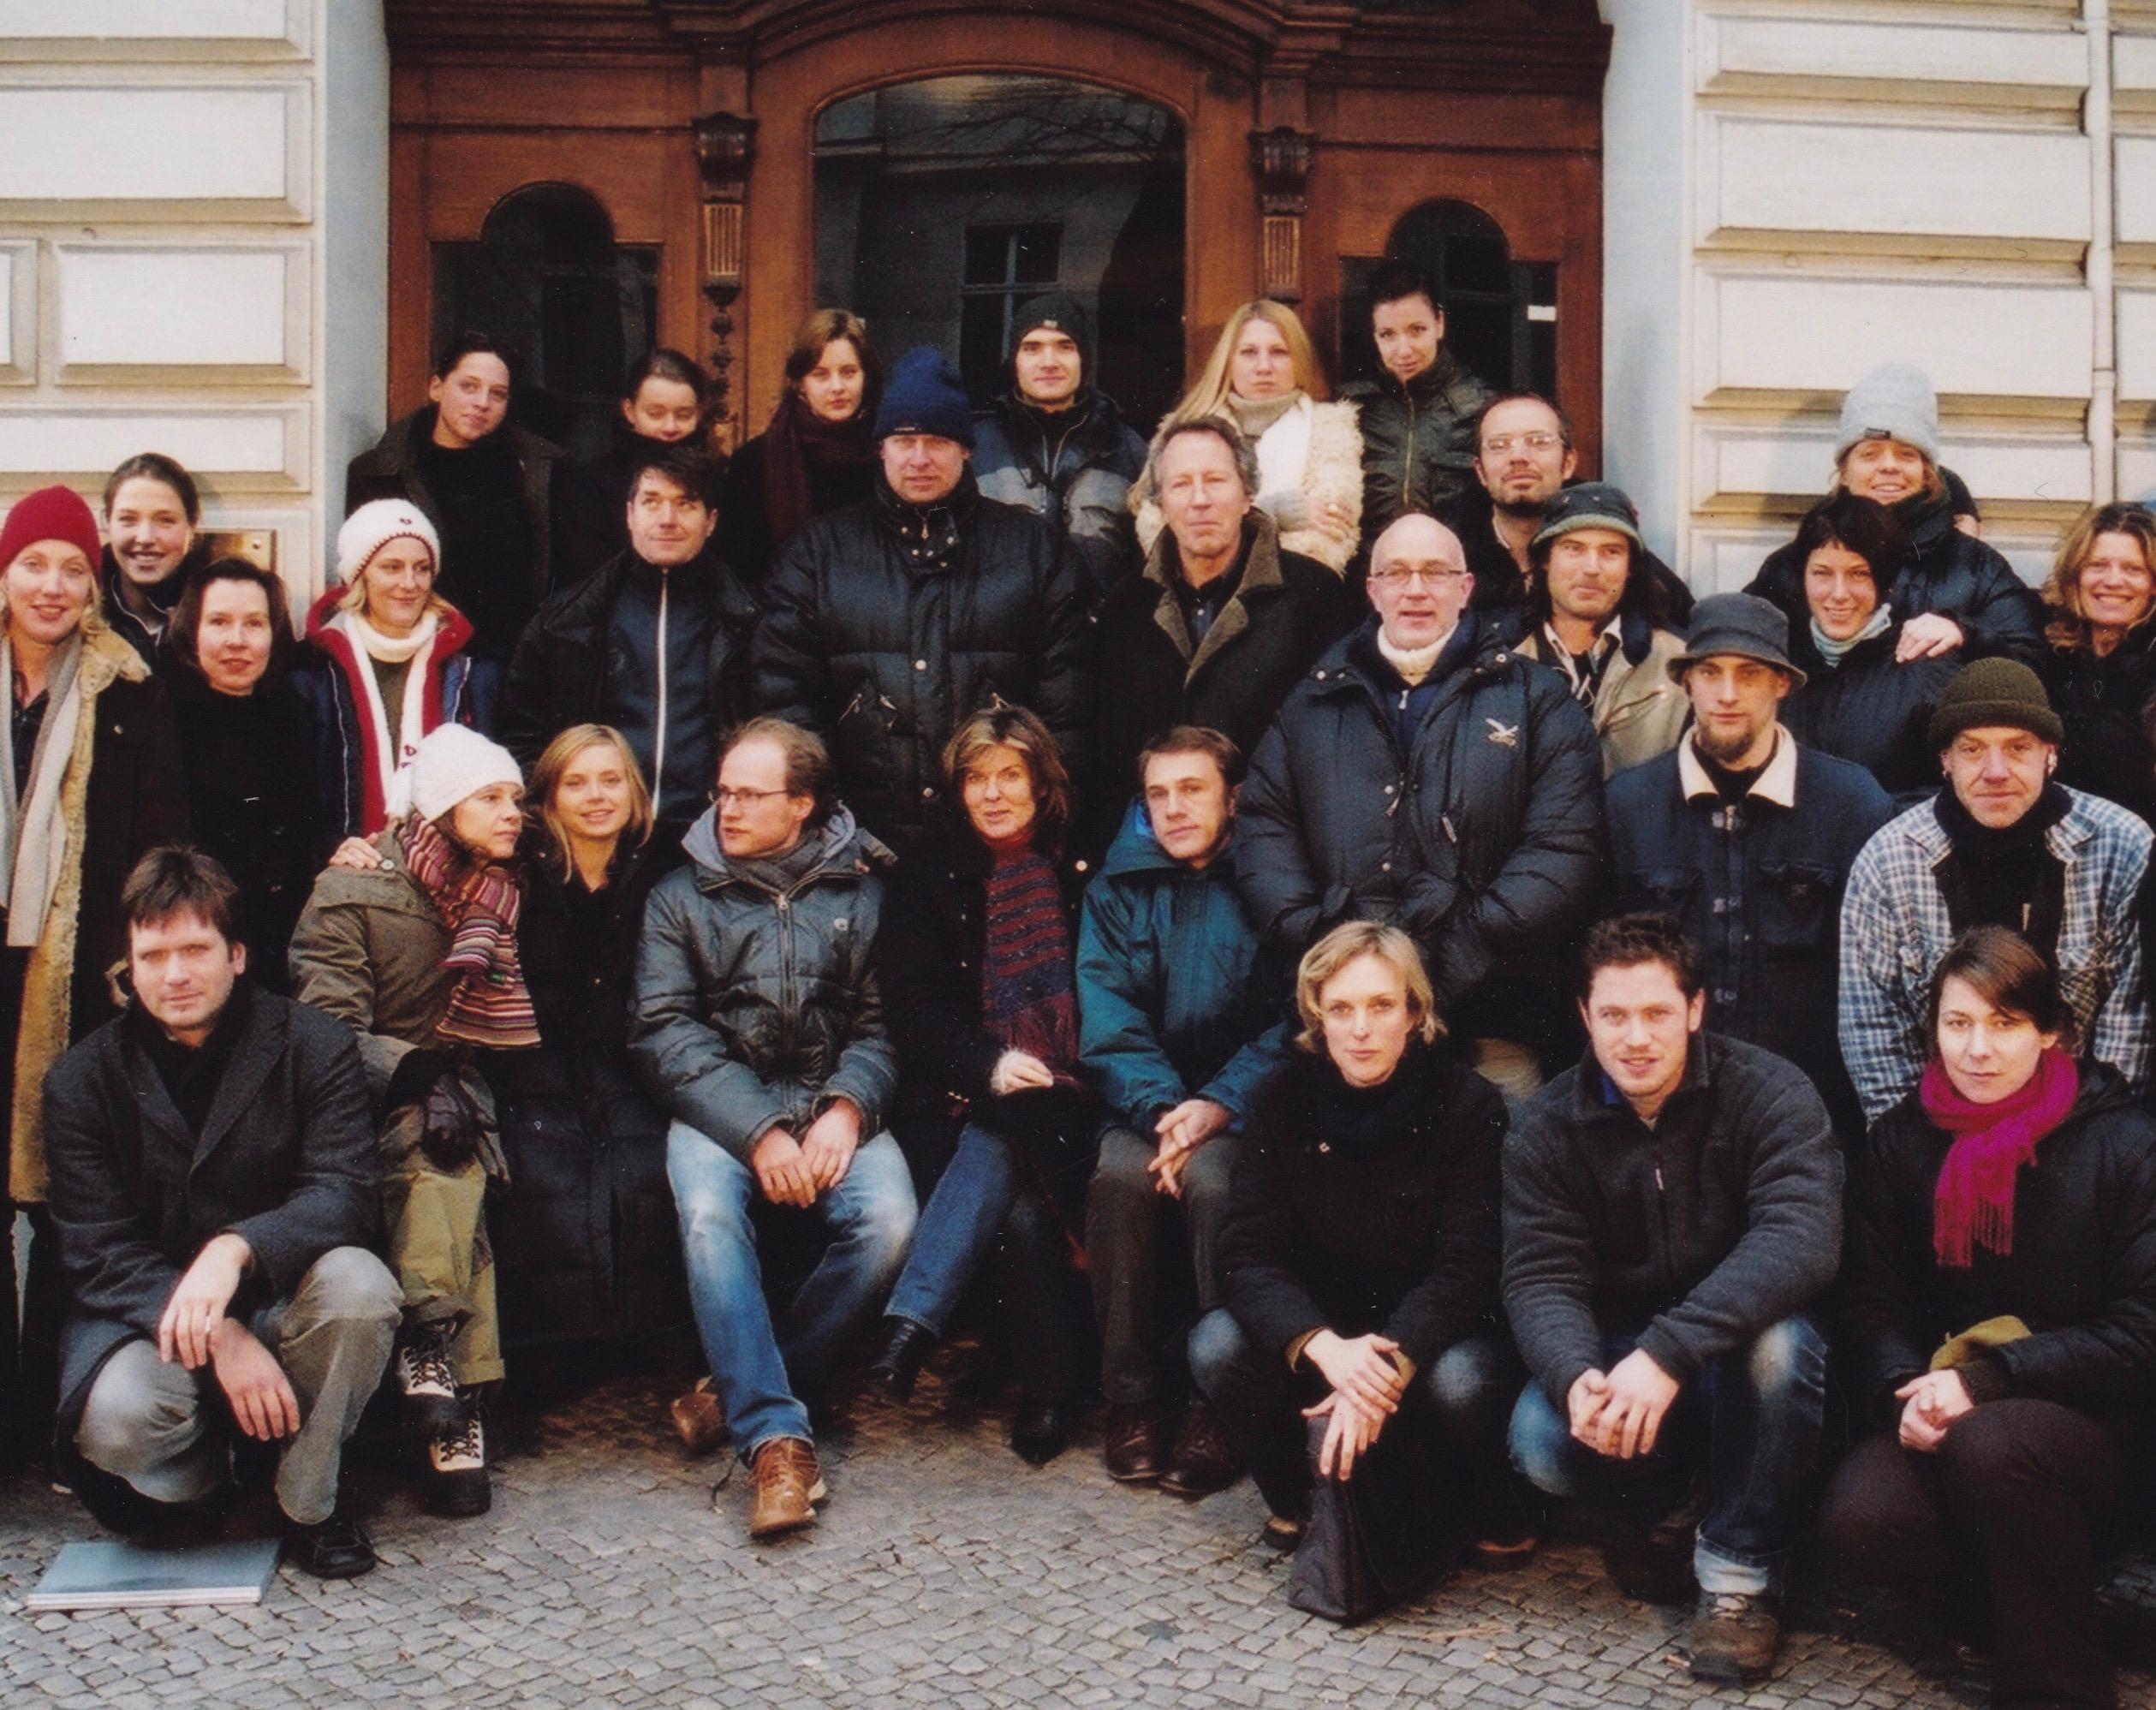 Hartmut Becker, Gunnar Fuss, Stefan Krohmer, Christoph Waltz, and Nina Weniger in Scheidungsopfer Mann (2004)